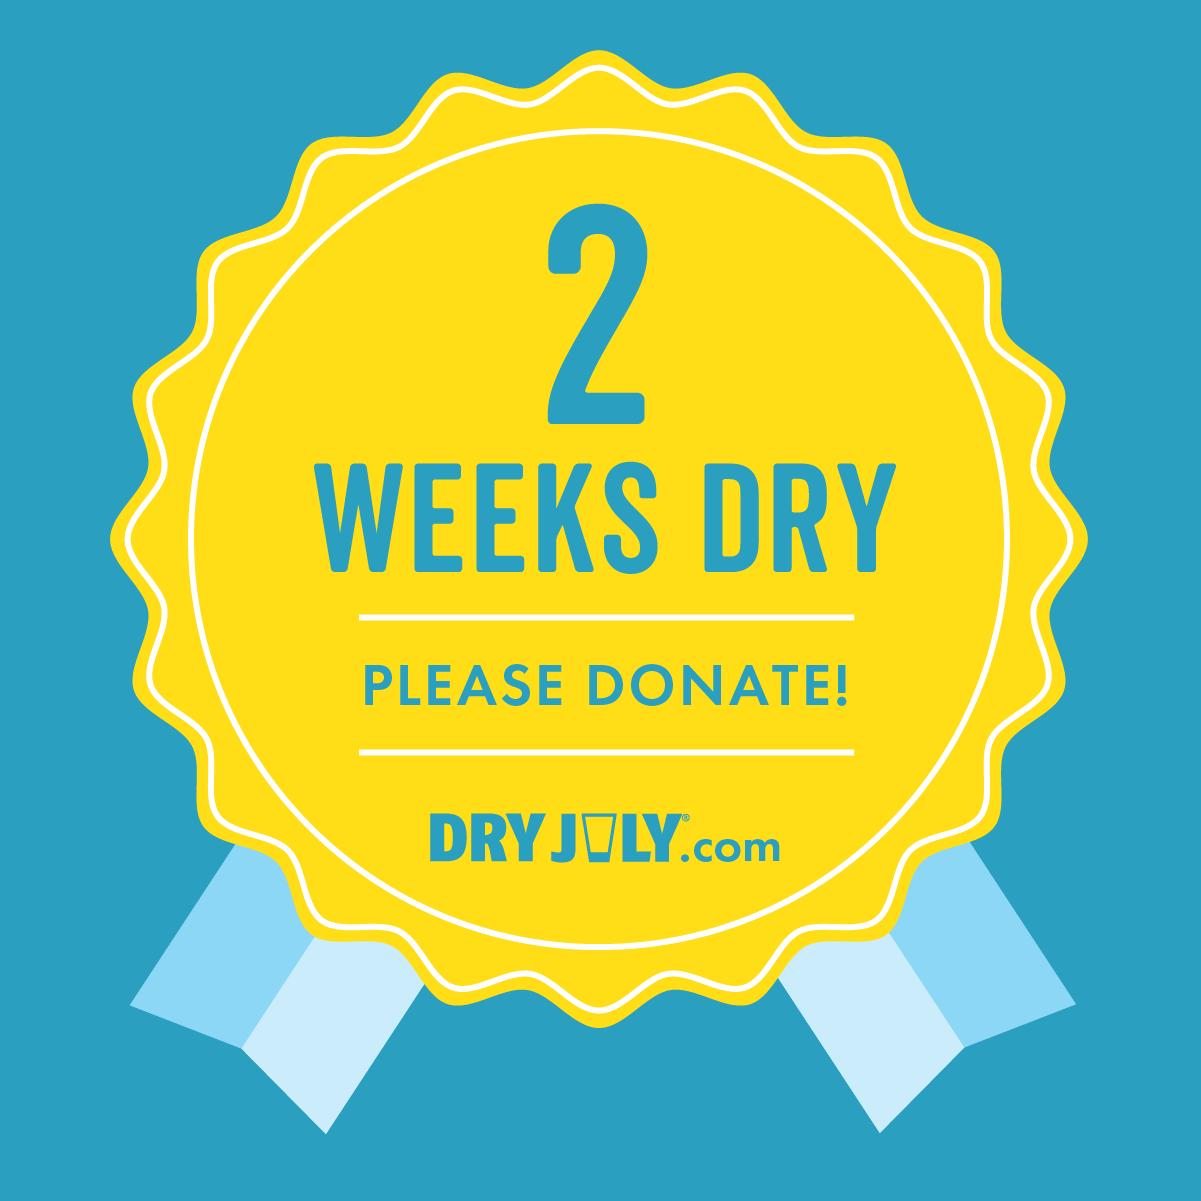 2 Weeks Dry